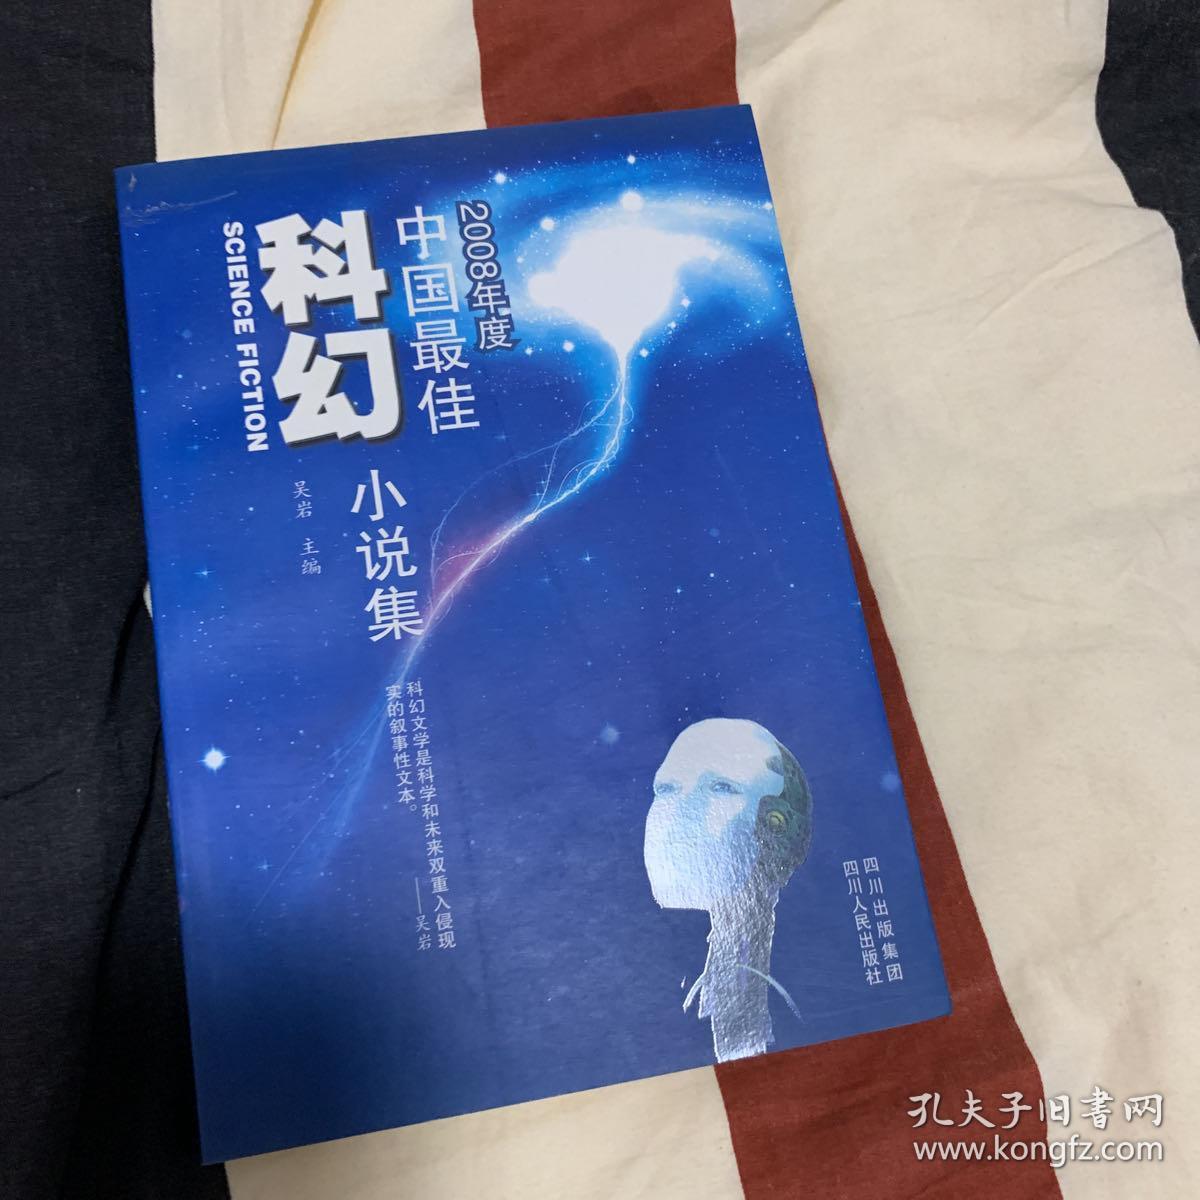 2008年度中国最佳科幻小说集